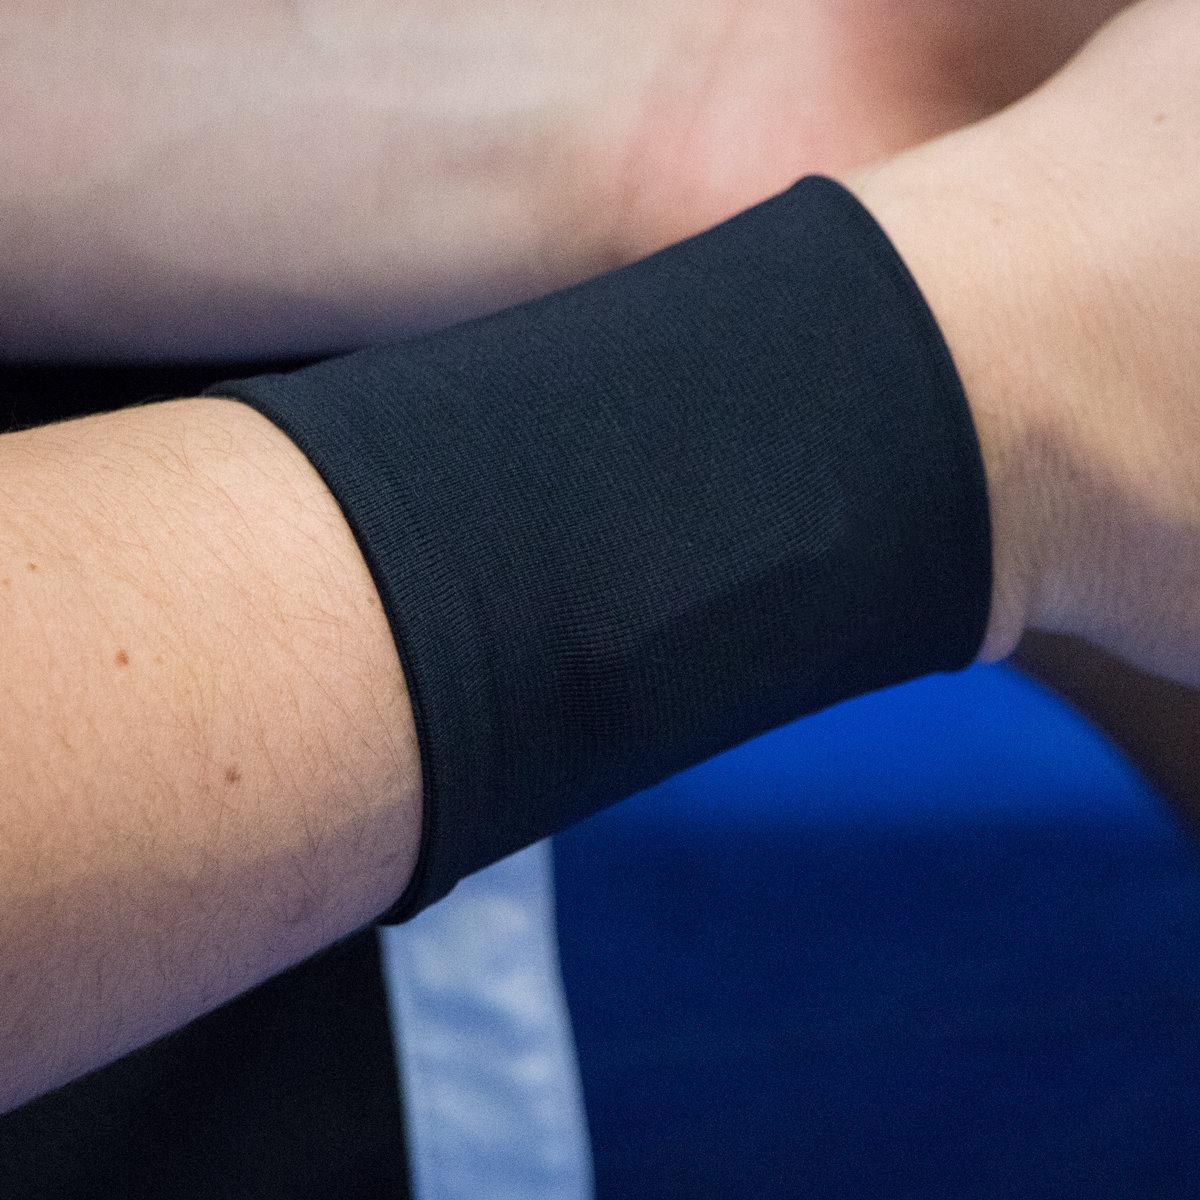 motusVB™ Wristband